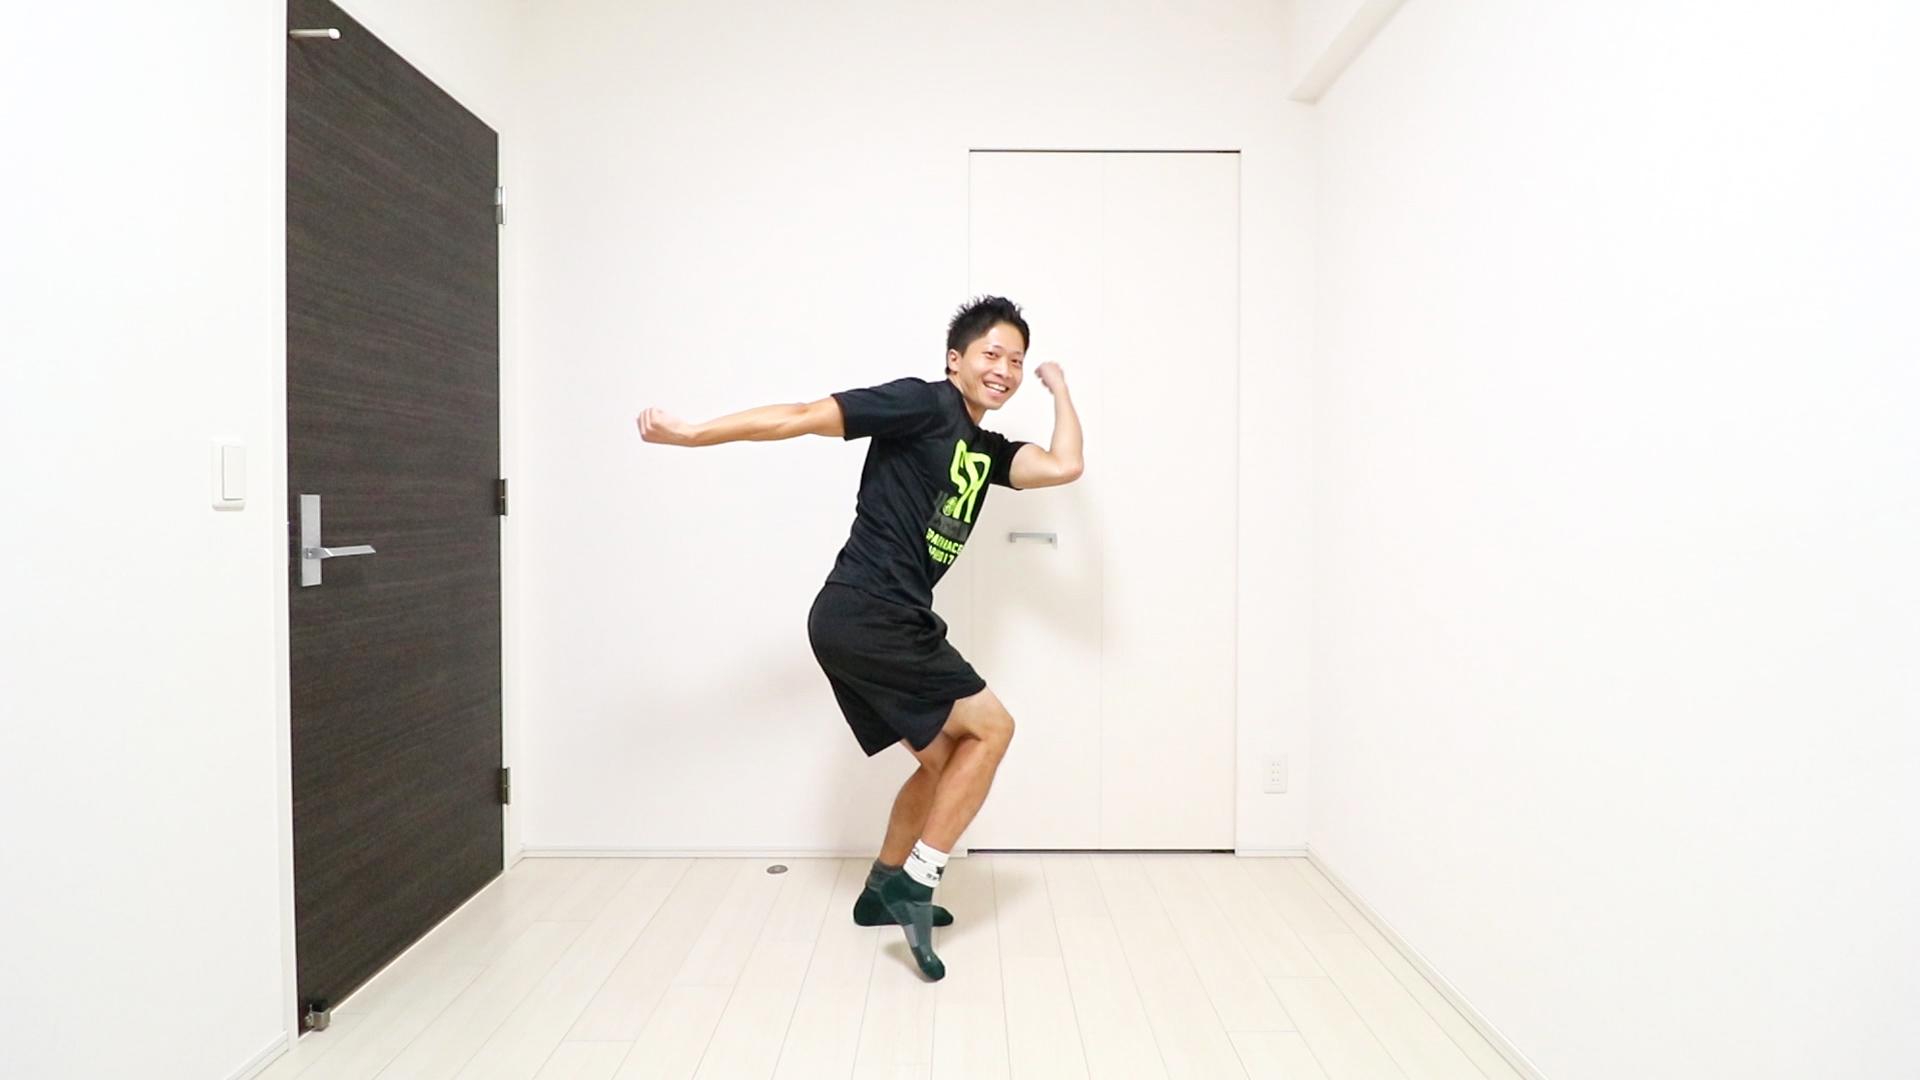 【10/28】ゆるゆるダンスダイエット!運動嫌いの50代でも楽しく踊りながら痩せられる!筋トレしたら動画にコメントしよう!